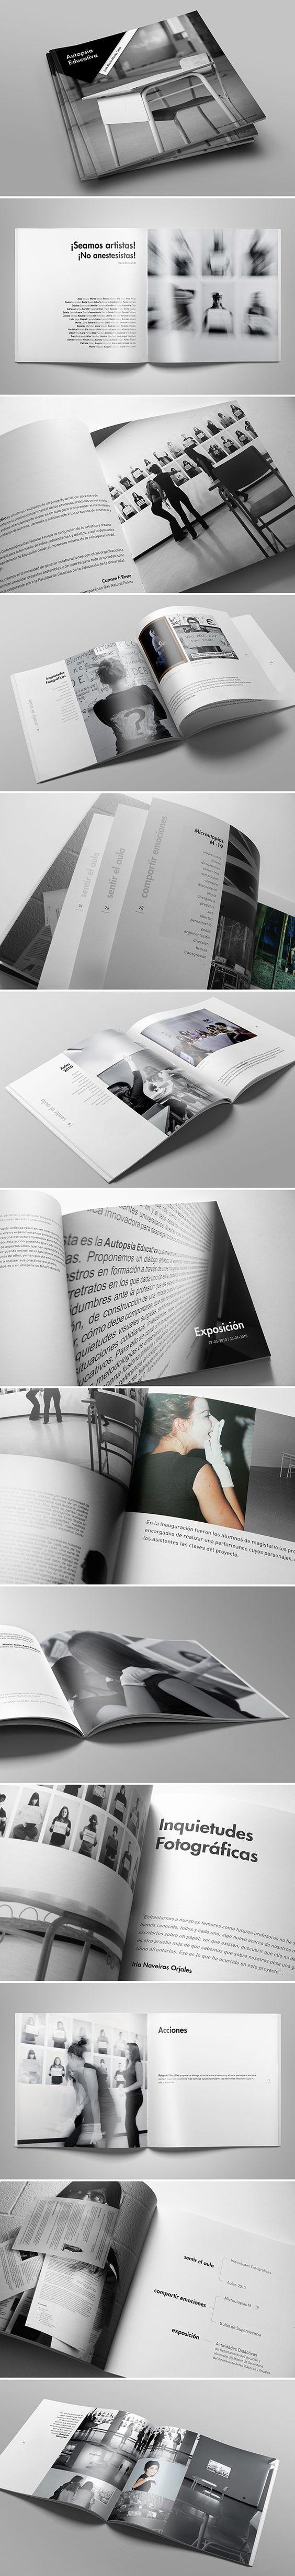 """Trabajo de diseño editorial para el catálogo de la exposición artística """"Autopsia Educativa"""", llevada a cabo por la Universidad de la Coruña y presentada en el 2010 en el MAC (Museo de Arte Contemporáneo Gas Natural Fenosa)."""